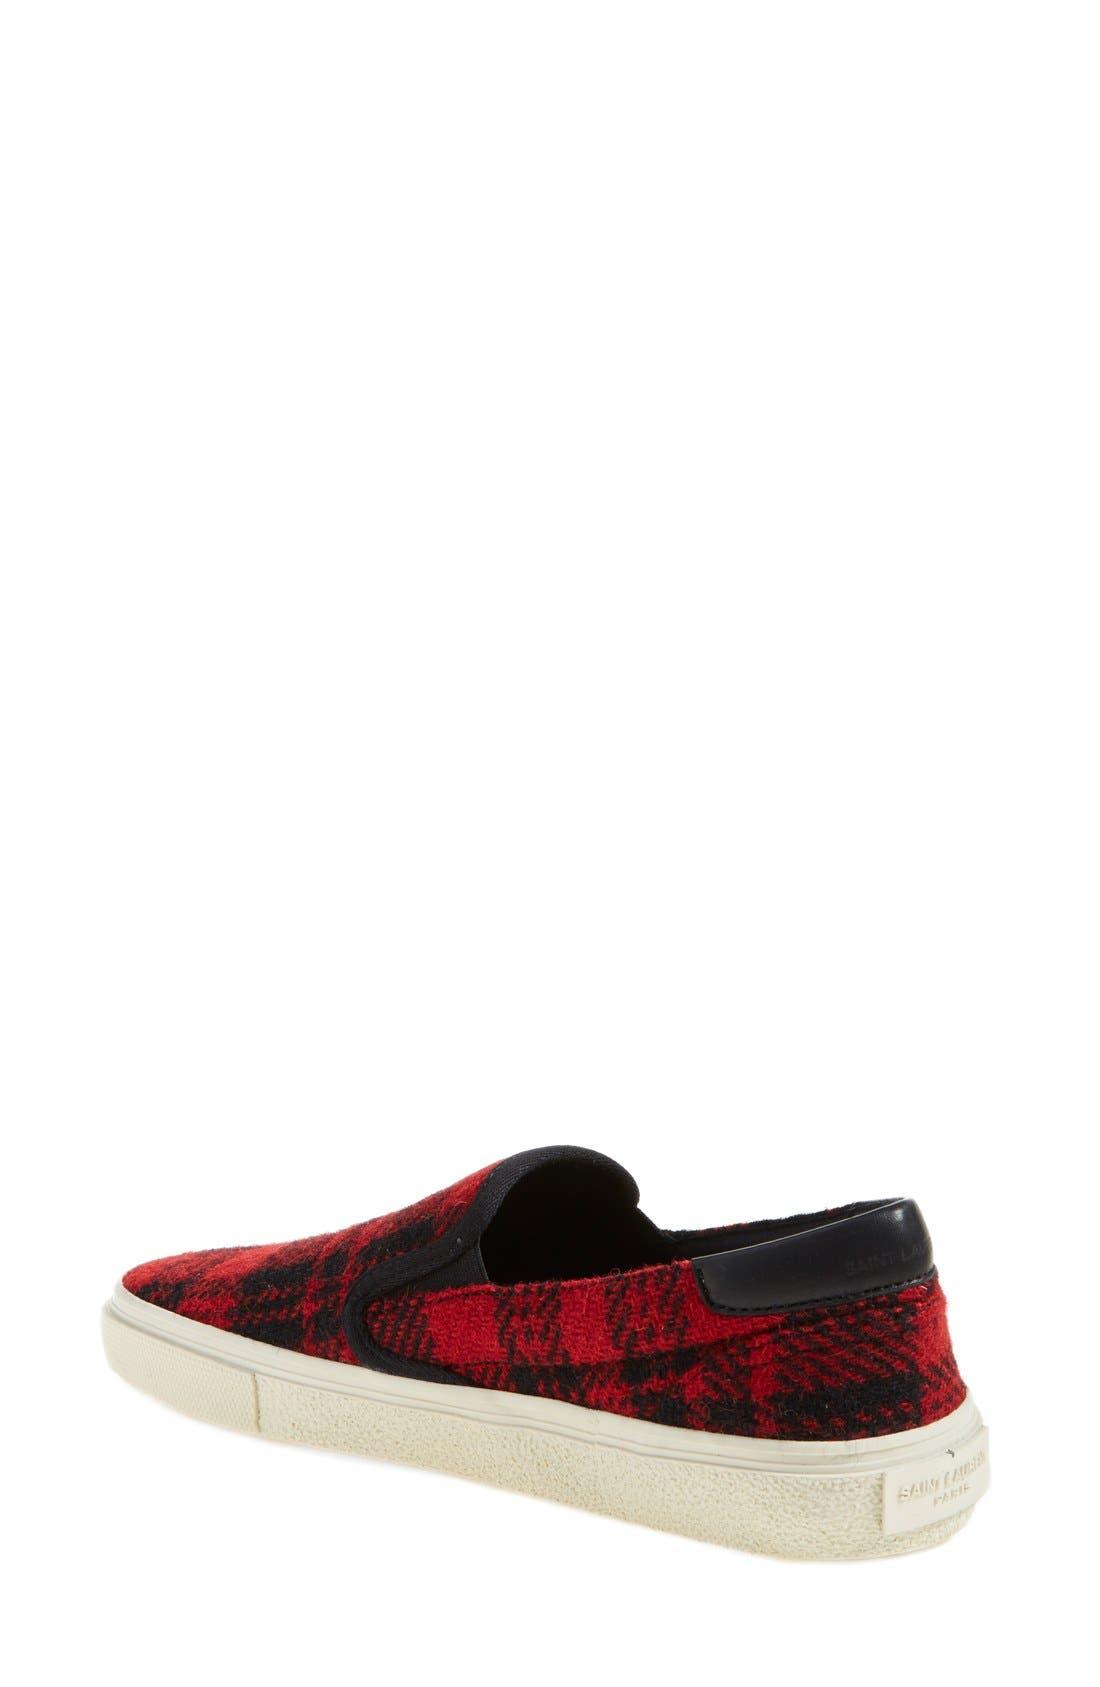 Alternate Image 2  - Saint Laurent 'Skate' Slip-On Sneaker (Women)